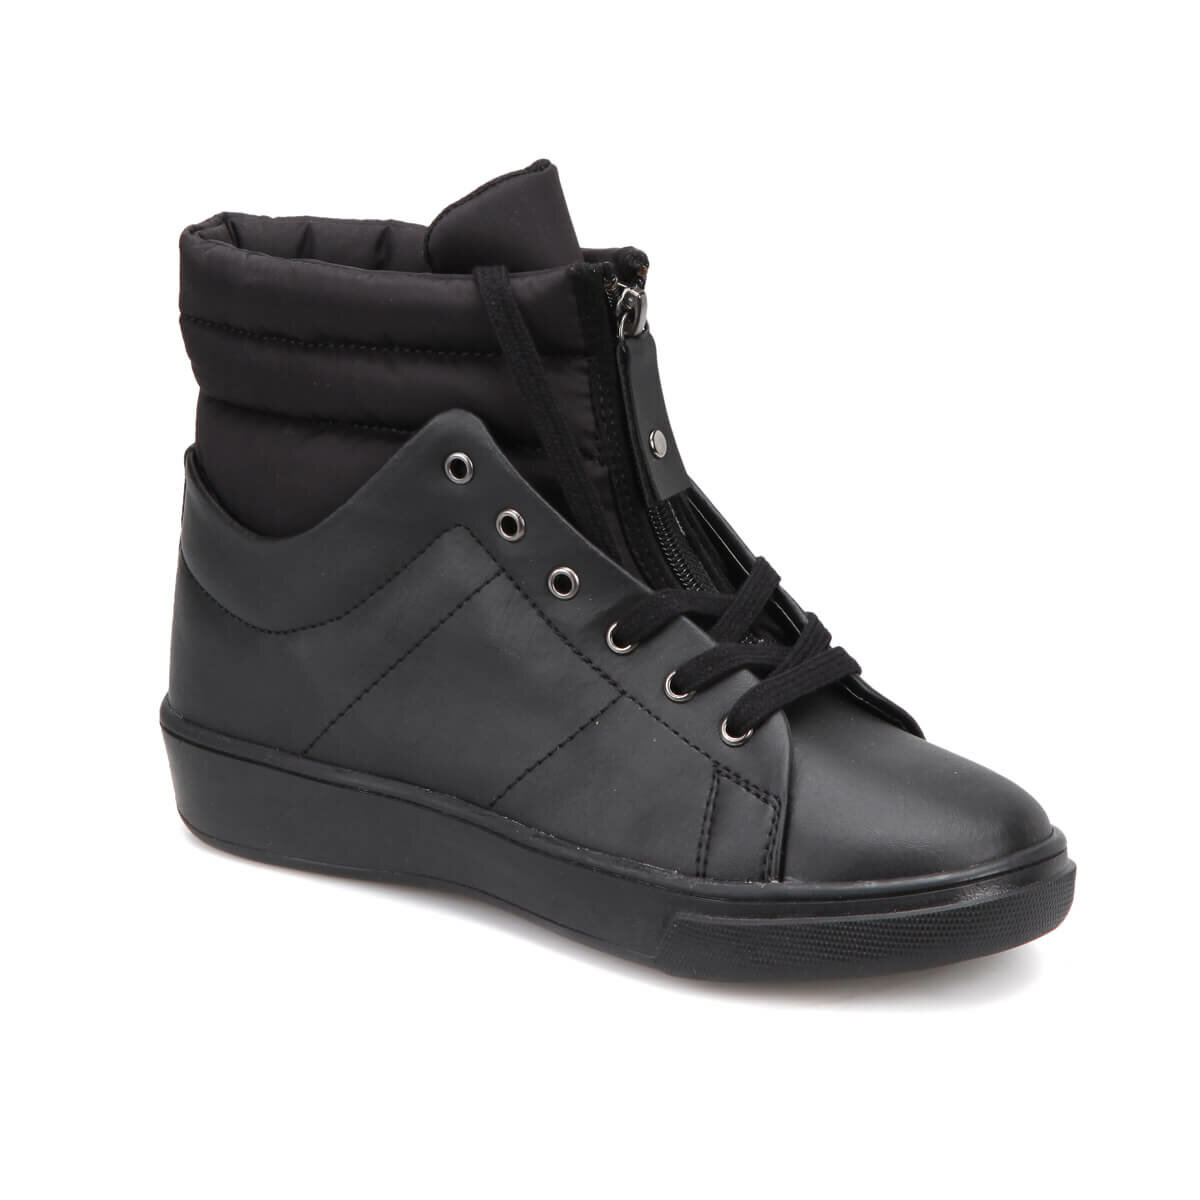 FLO Z050 Black Women Boots BUTIGO